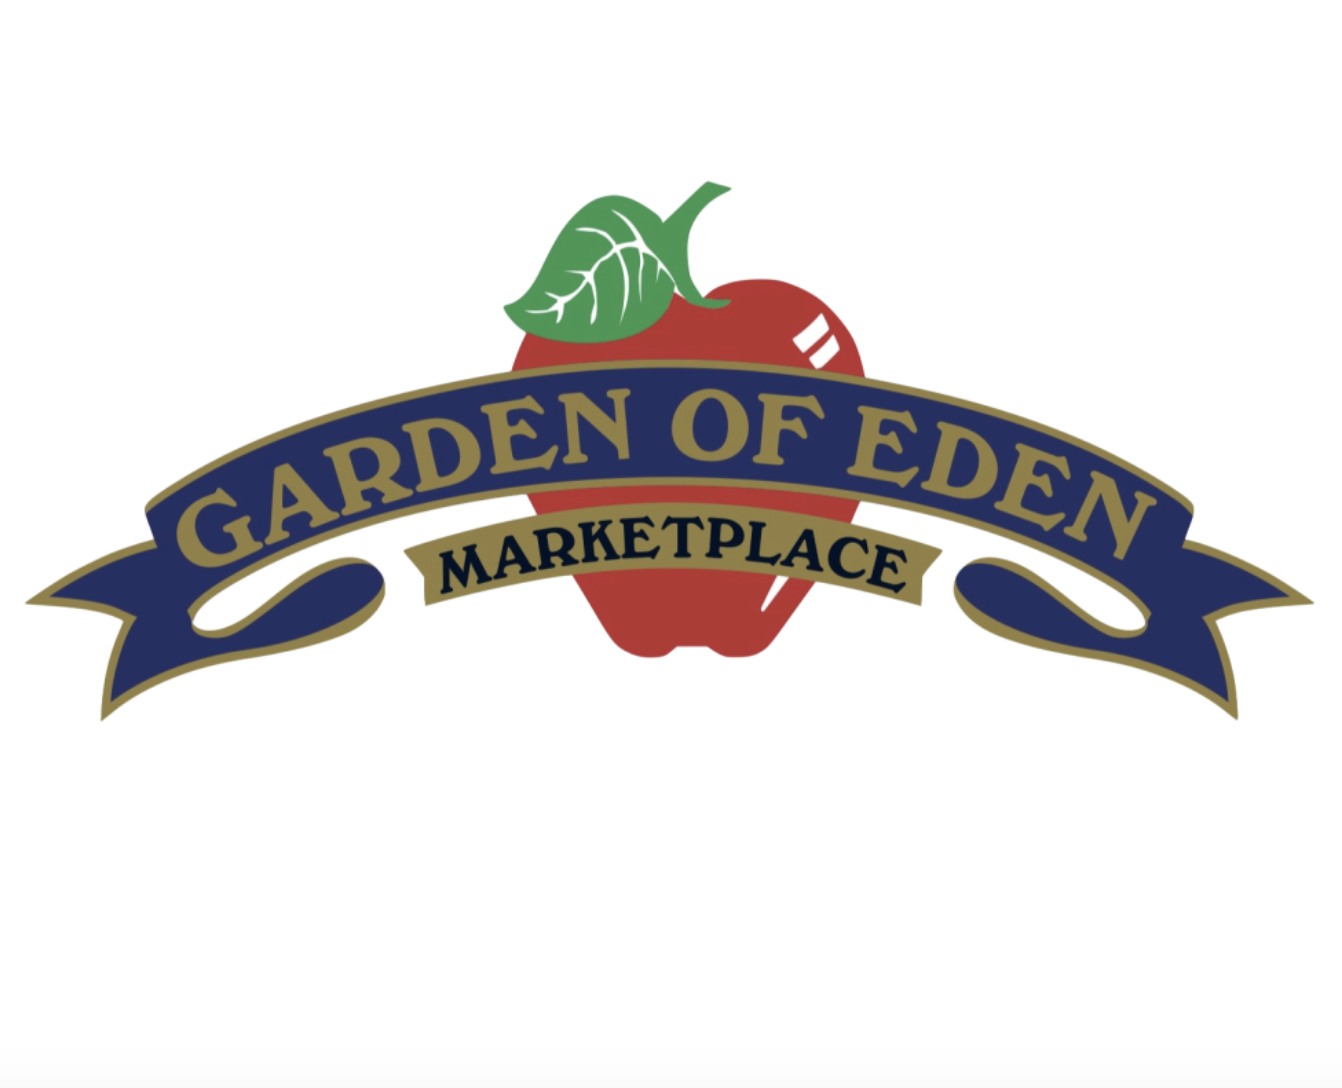 Garden of Eden Marketplace logo